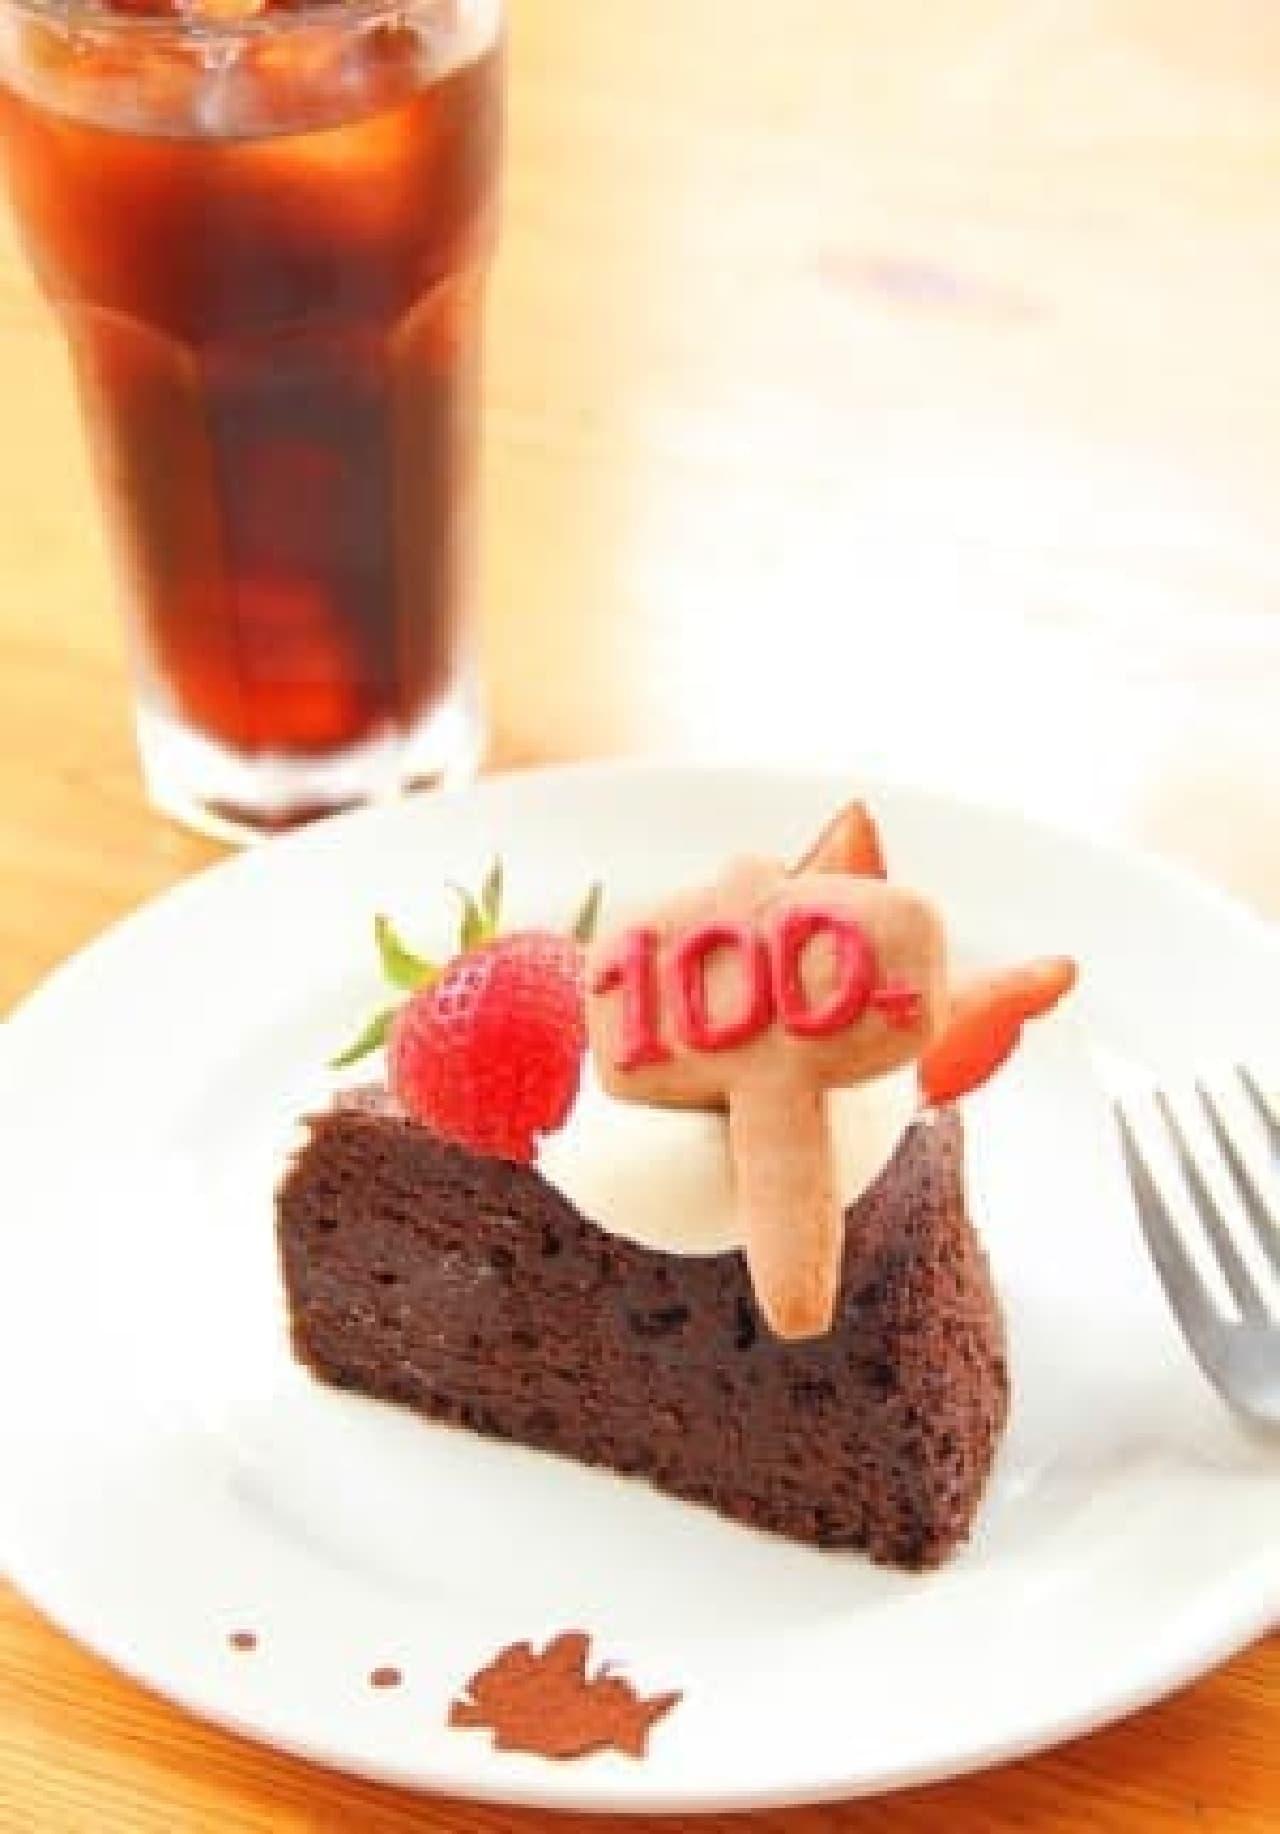 写真は「100tハンマーケーキ」